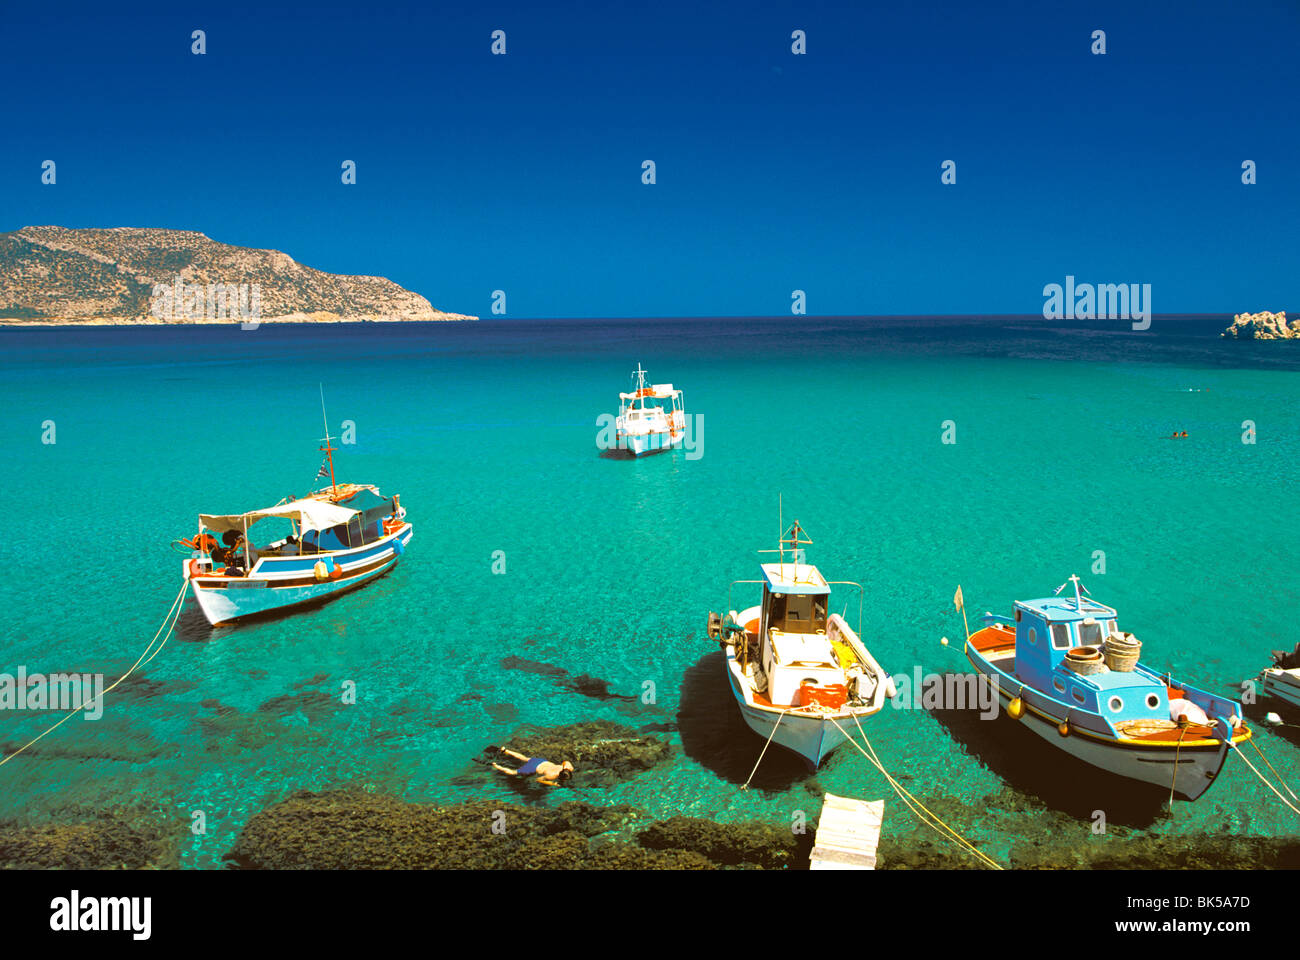 Fishiing Boote und Mann Schnorcheln am Anopi Strand, Karpathos, Dodekanes, griechische Inseln, Griechenland, Europa Stockbild